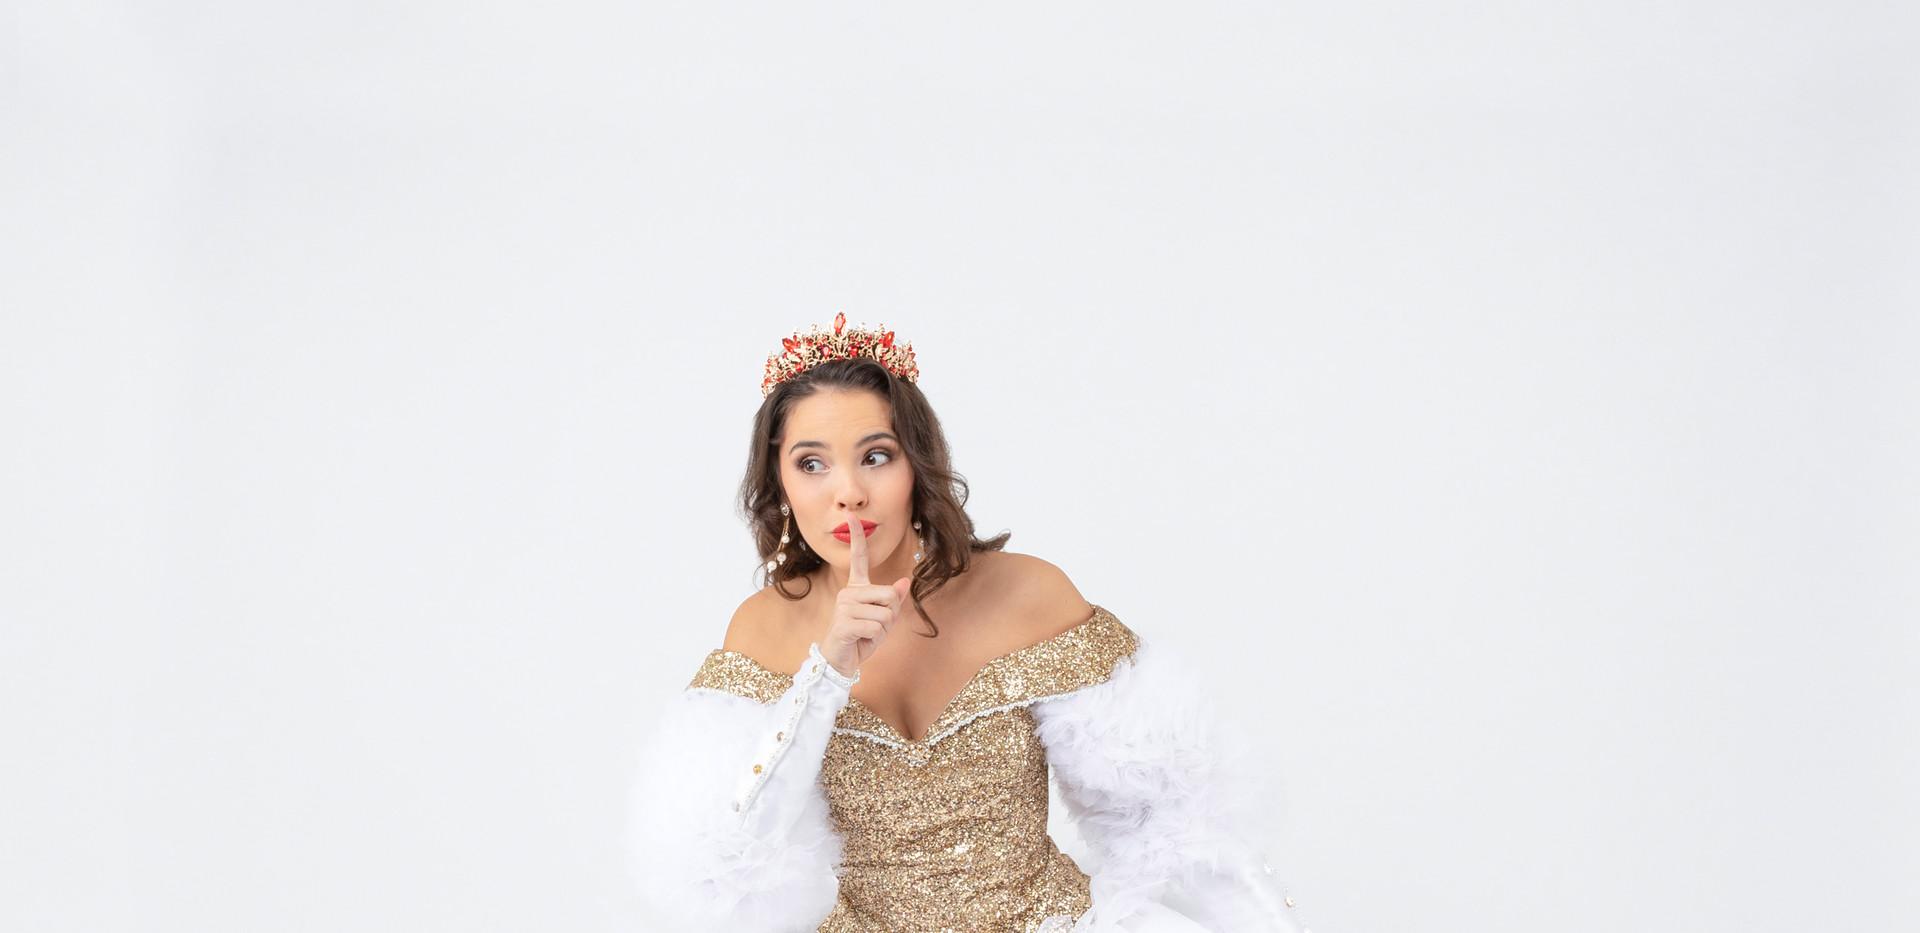 Demoiselle Stellaire